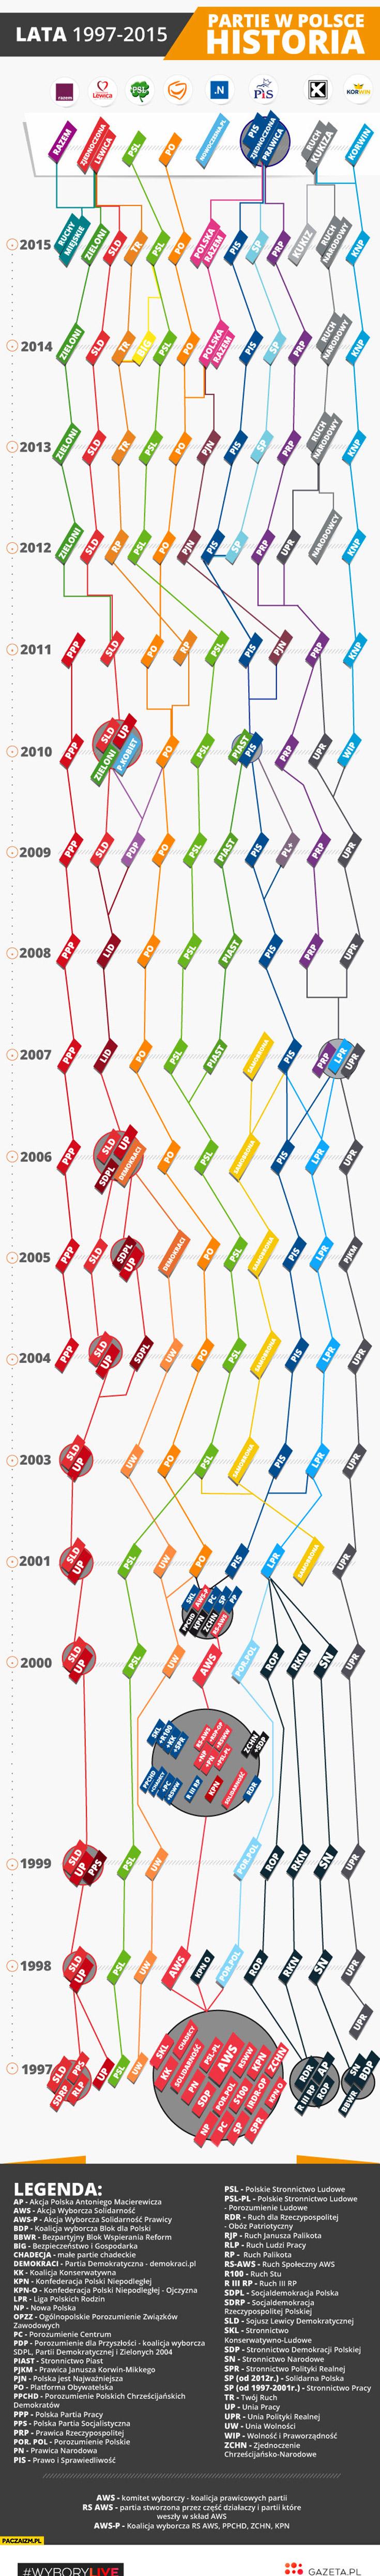 Historia polskich partii politycznych infografika